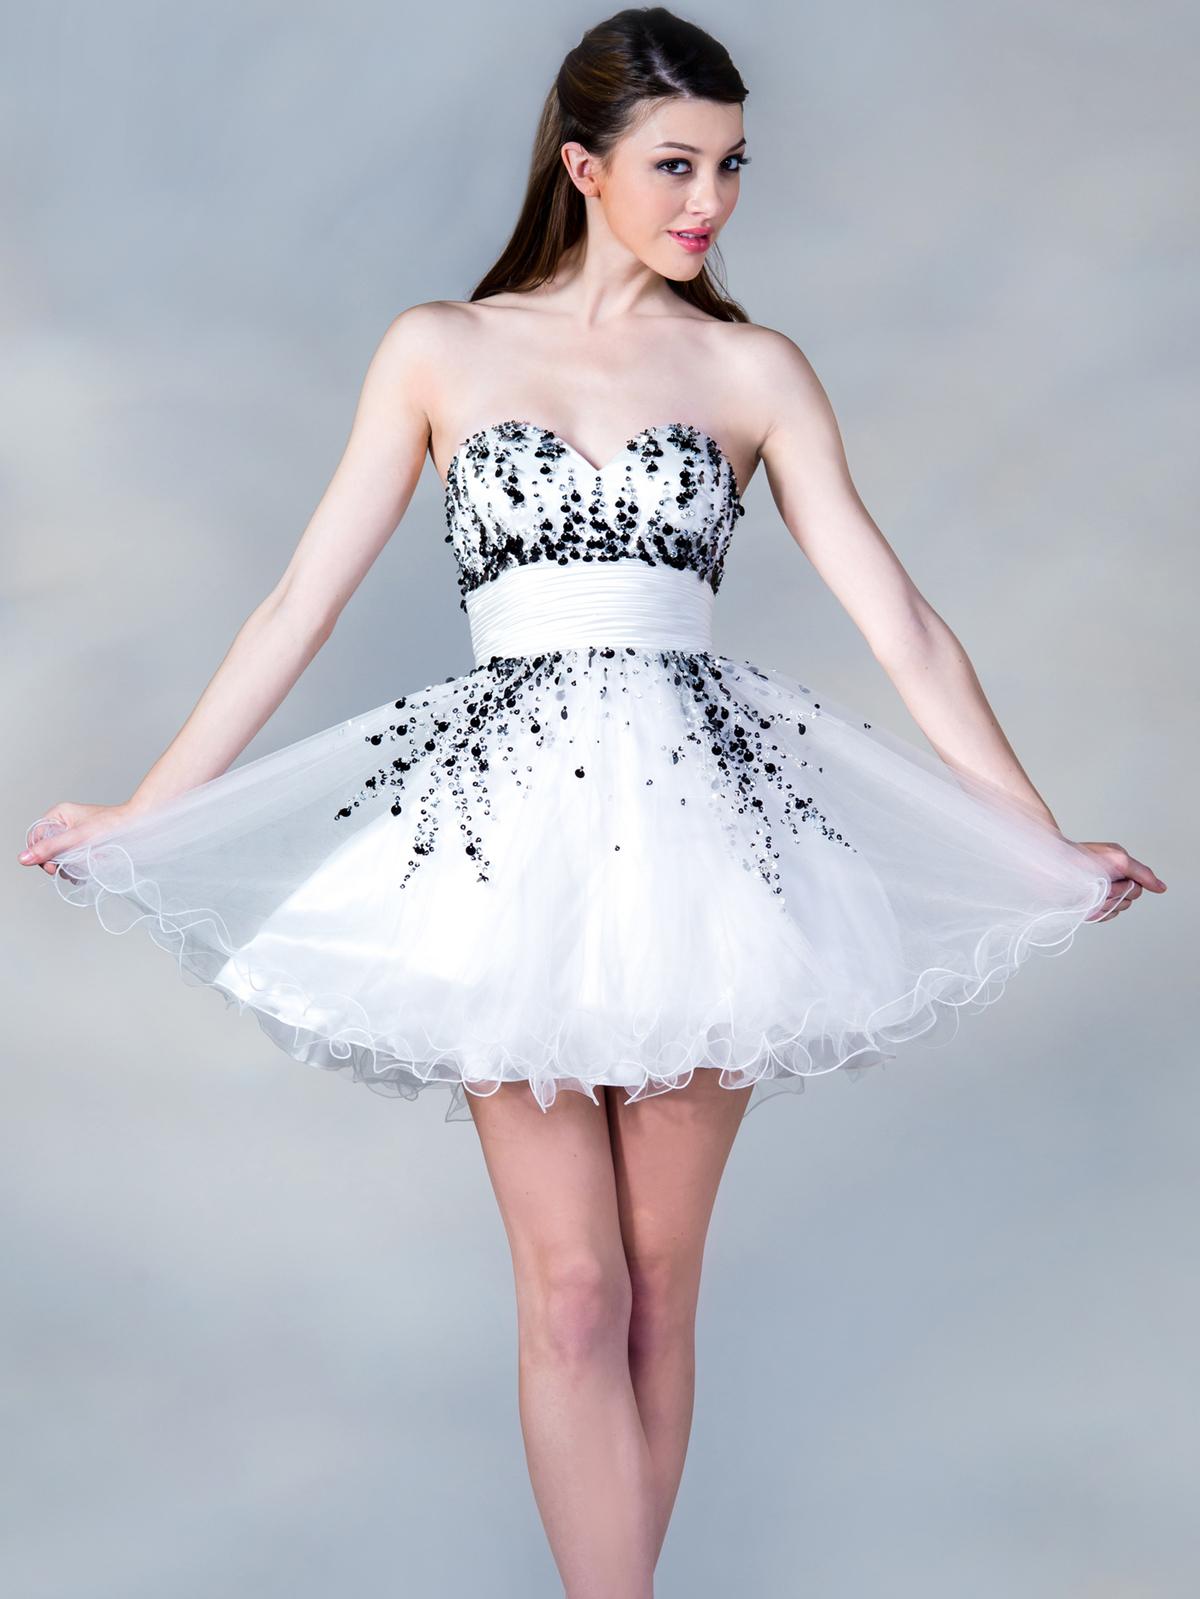 Hot Umsatz von prom Kleider im Jahr 2014 - shortdresses